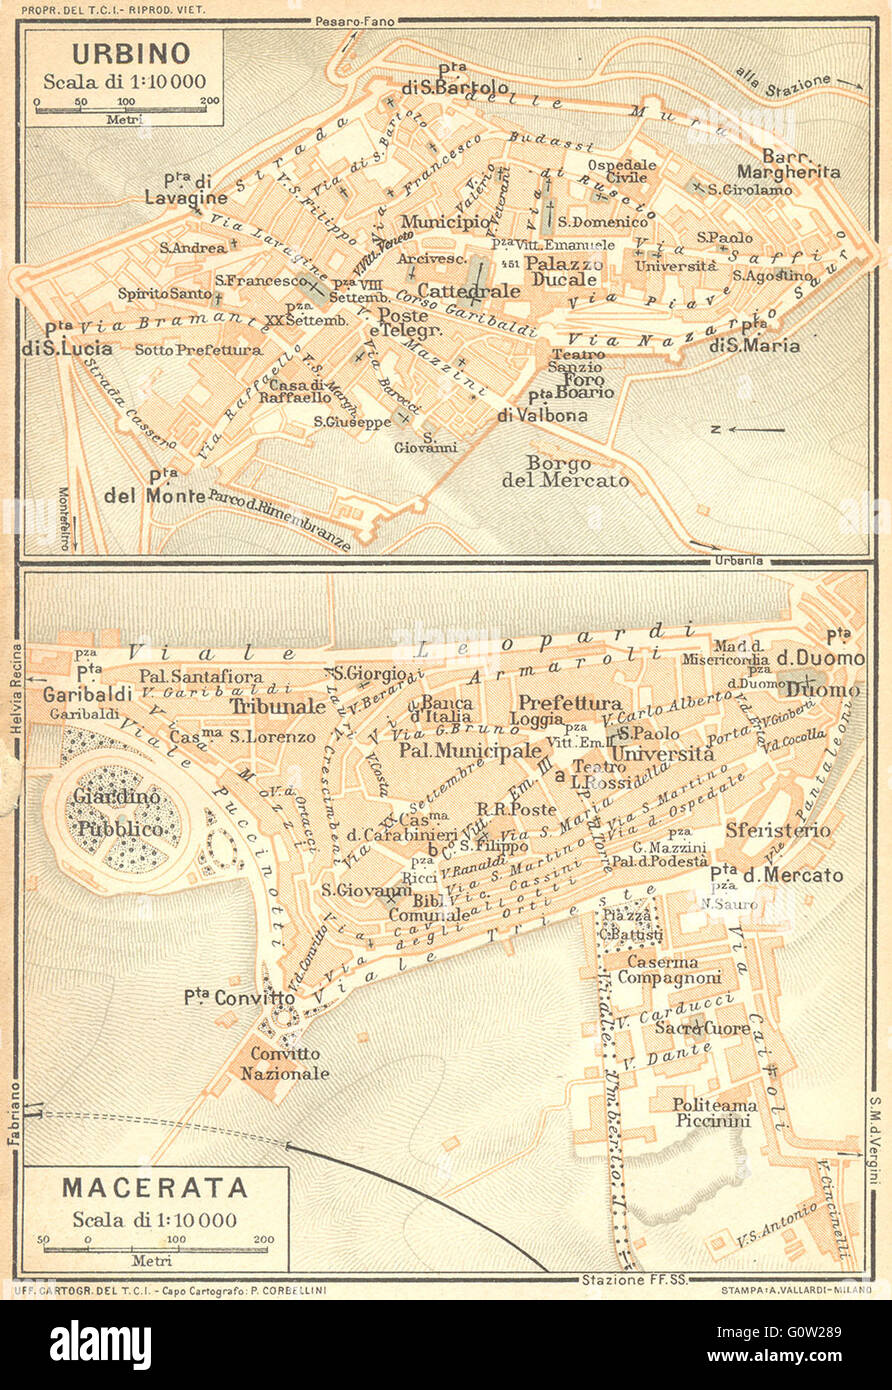 Italy Urbino Macerata Town Plans 1924 Vintage Map Stock Photo